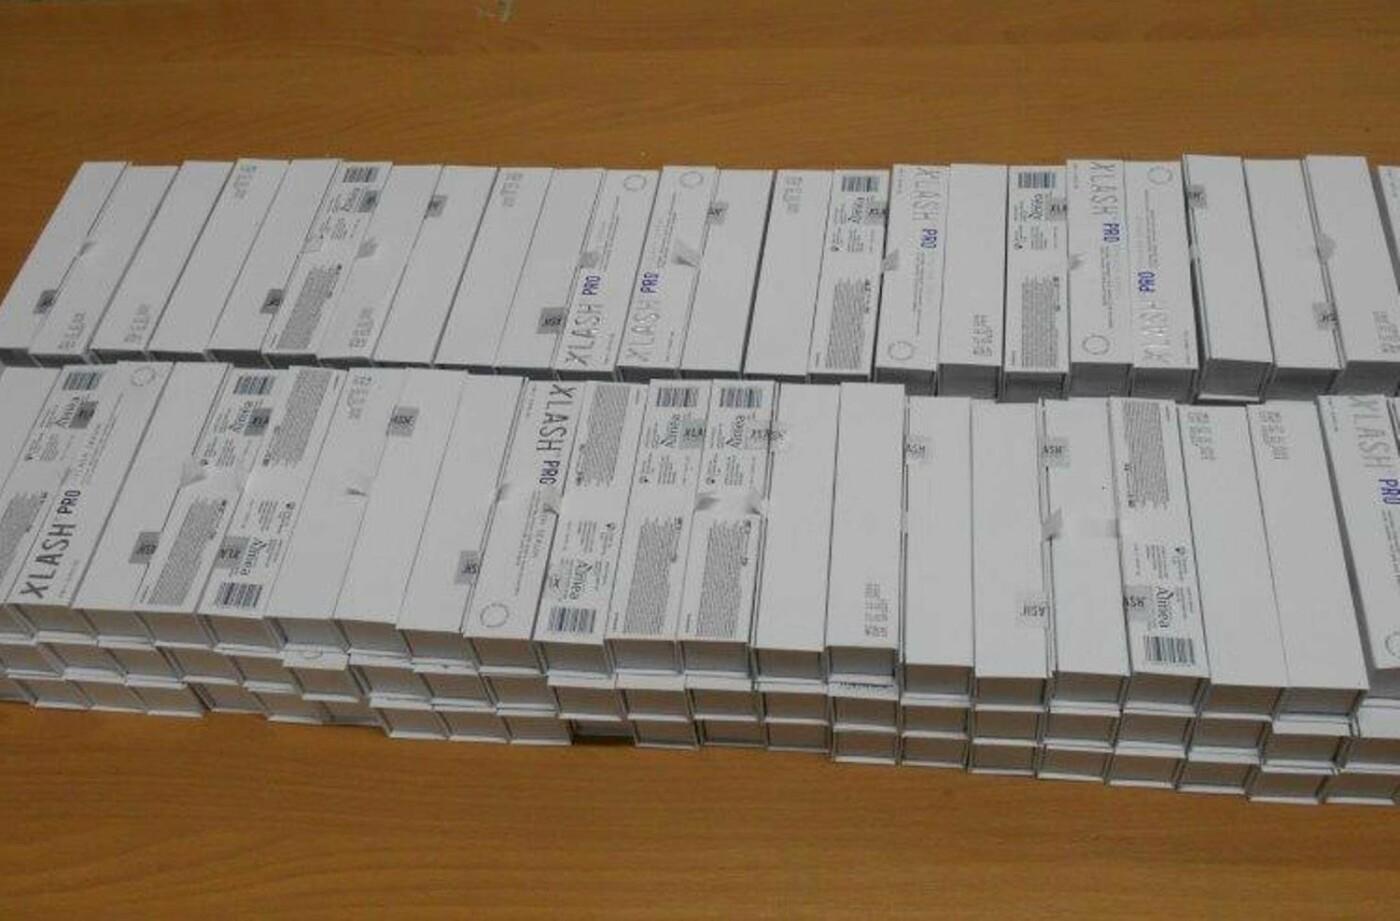 На границе под Белгородом задержали контрабандную сыворотку для роста ресниц, фото-2